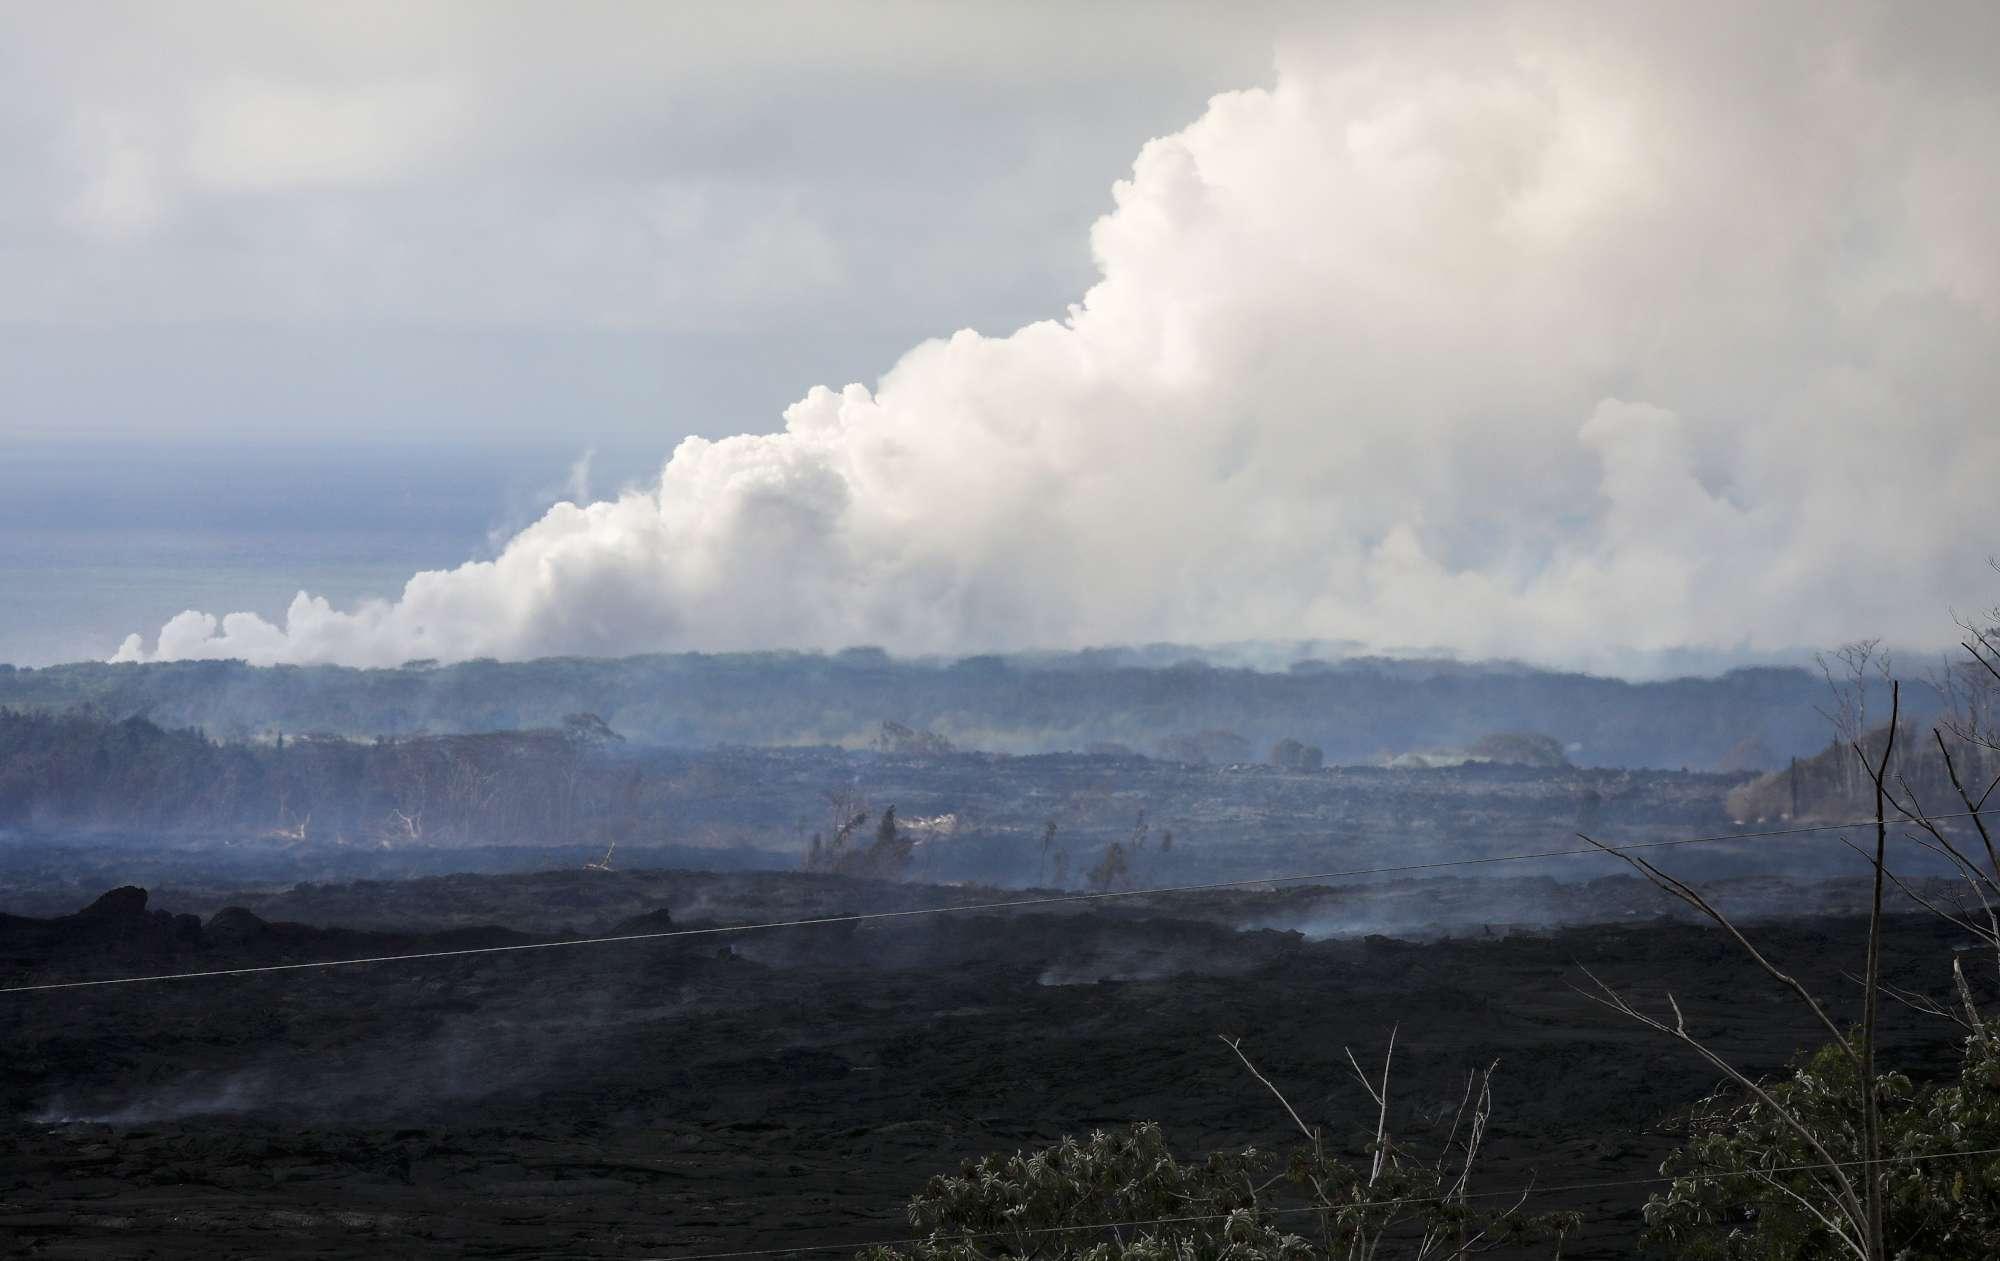 Hawaii, l'eruzione del vulcano Kilawuea sprigiona una nube tossica